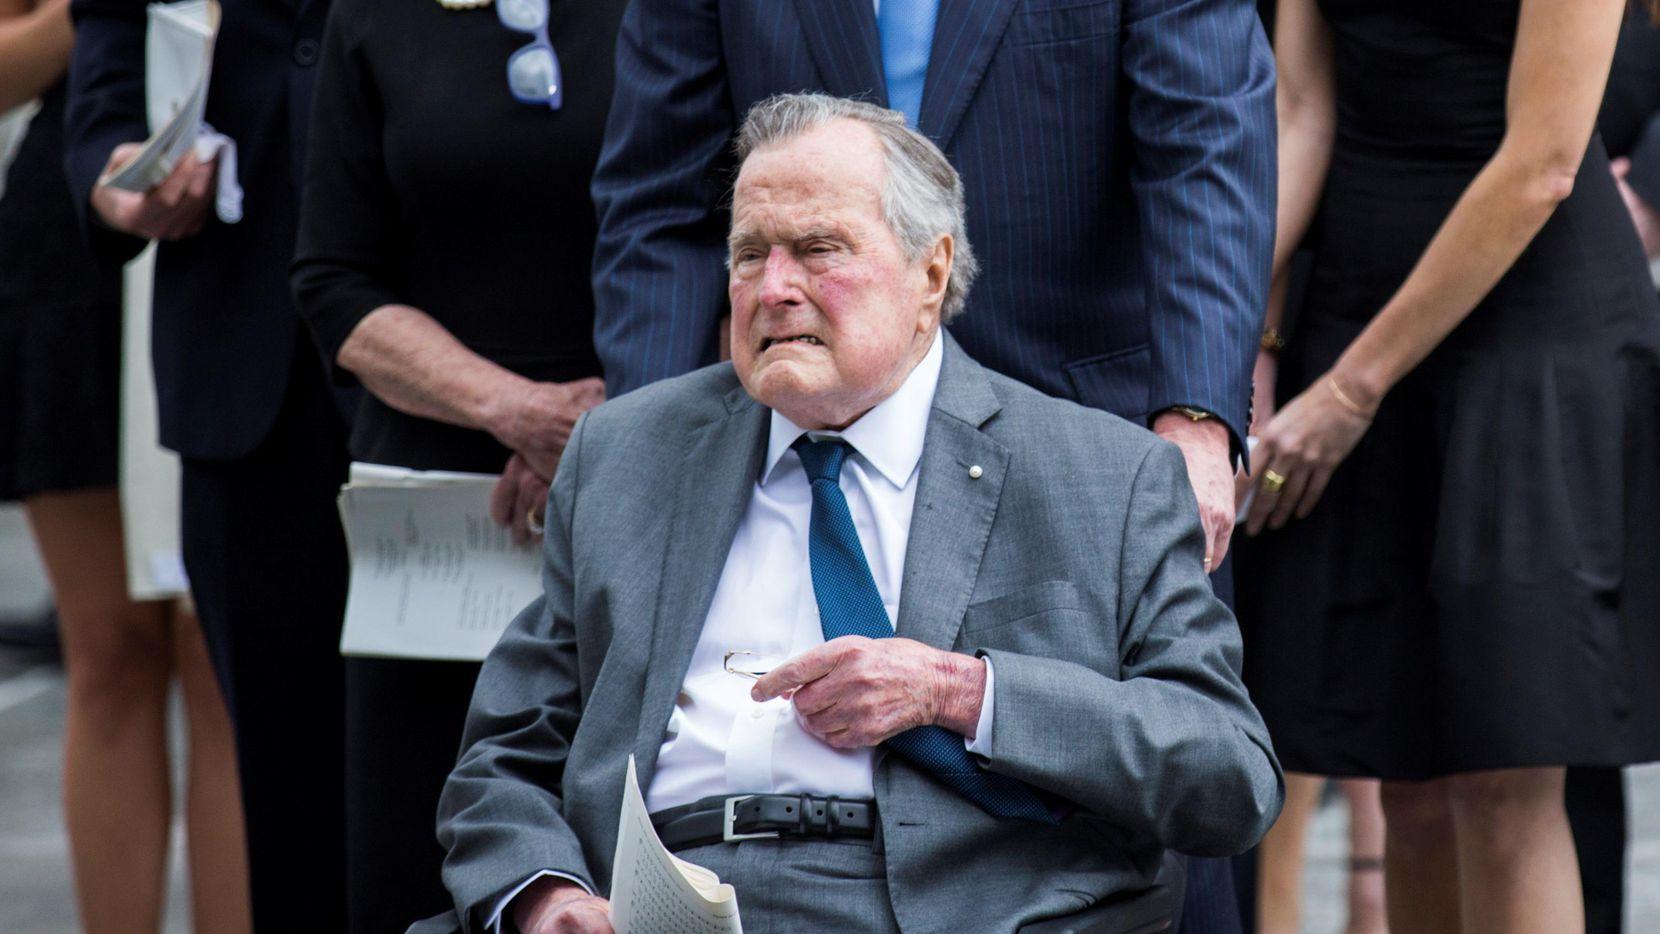 El ex presidente George W. H., Bush asistió al funeral de su esposa Barbara Bush. (DMN/ASHELEY LANDIS)